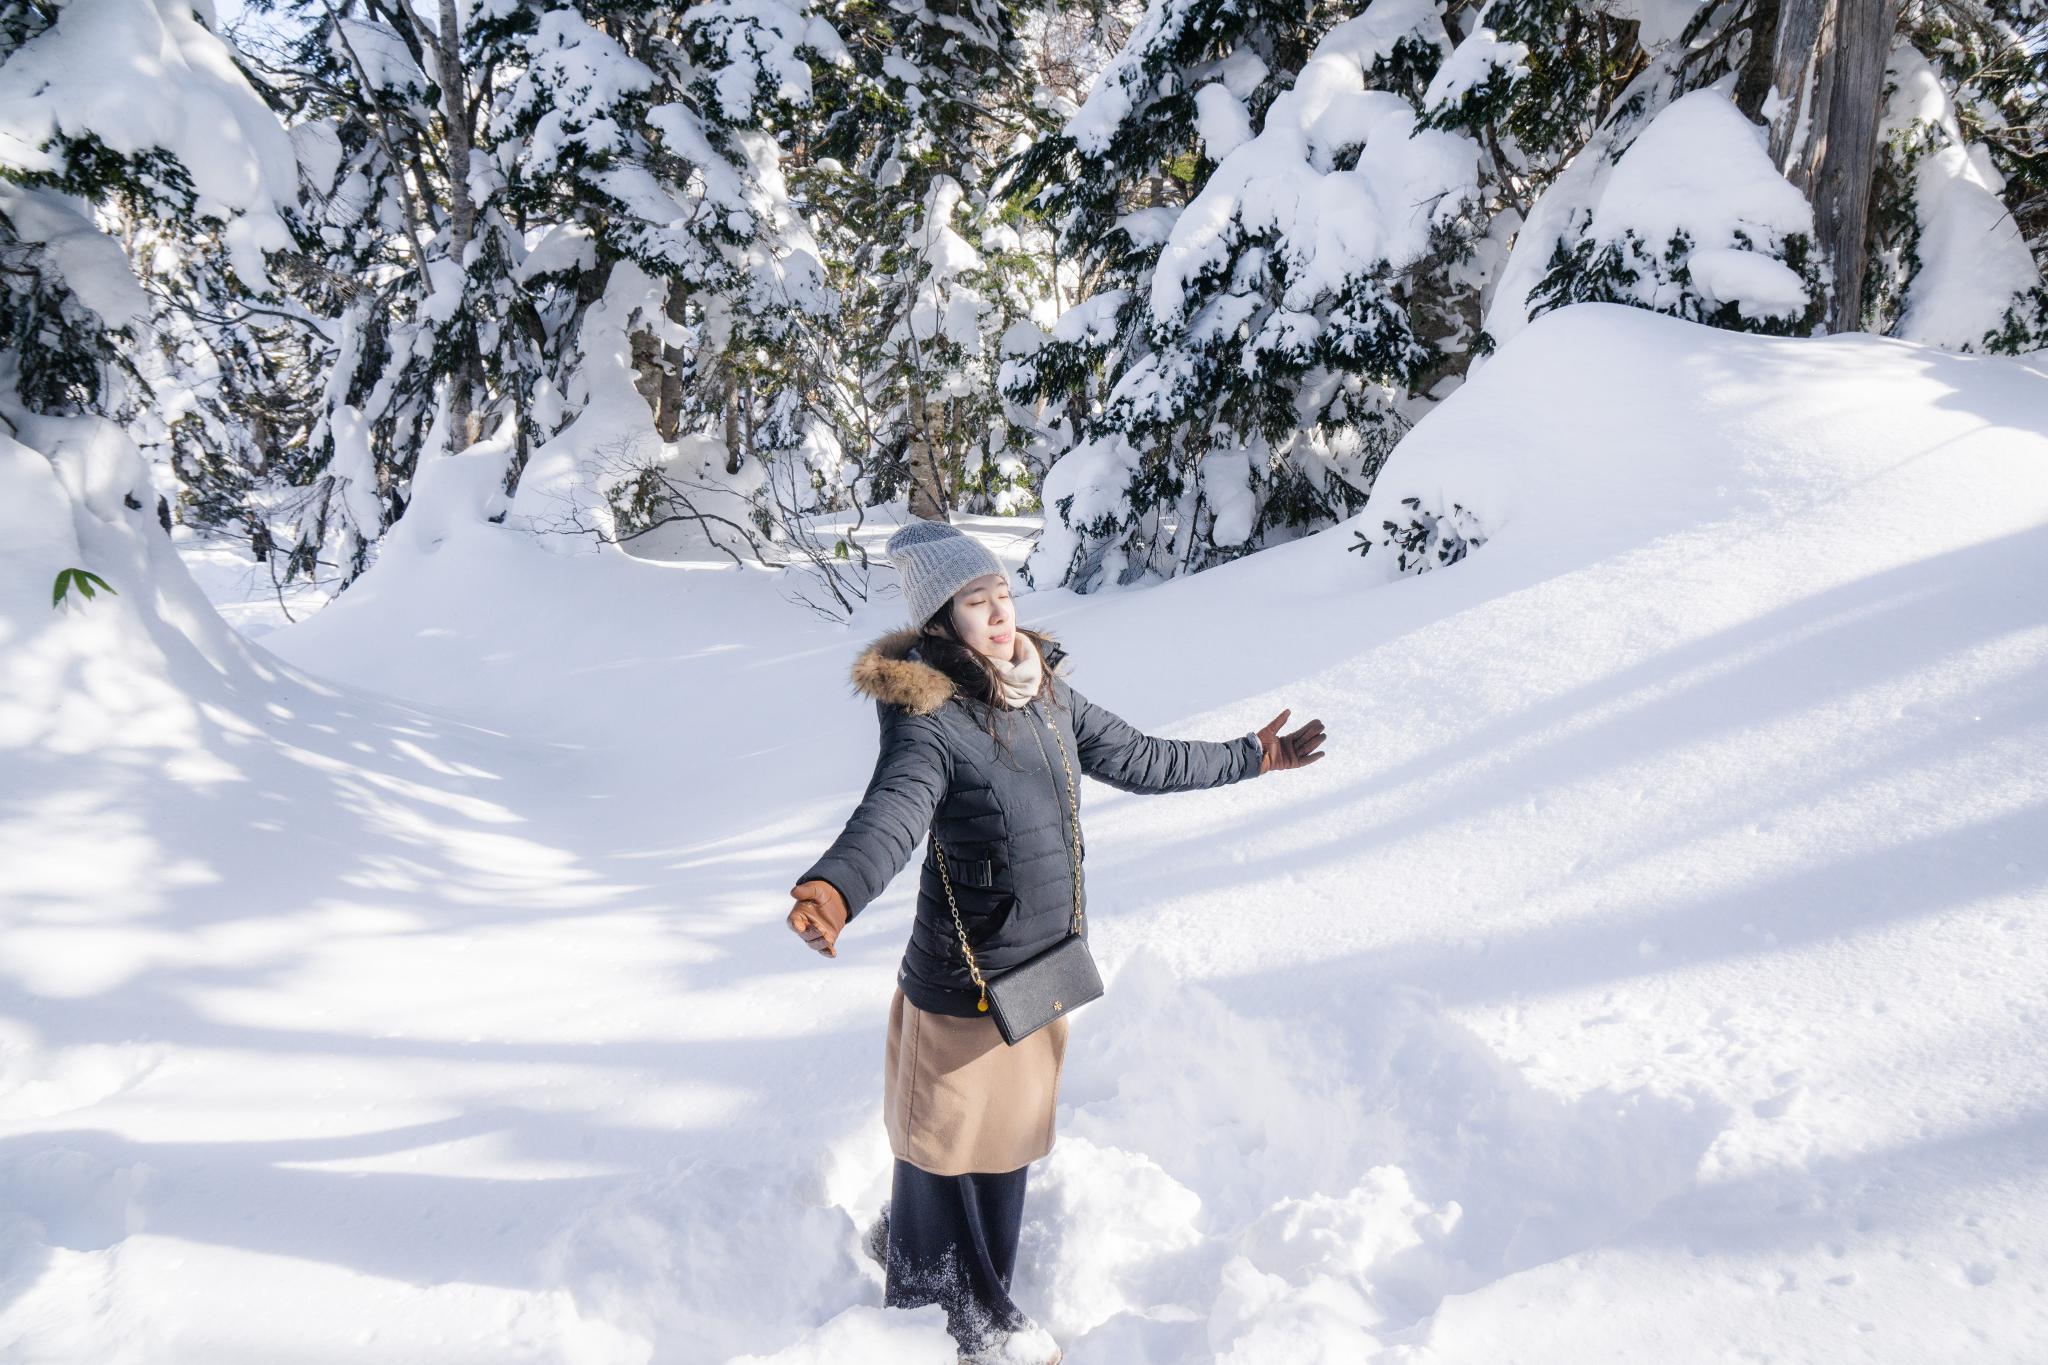 【岐阜】超級推薦!奧飛驒溫泉鄉的冬季戀歌 ~ 新穗高纜車雪景攻略 114